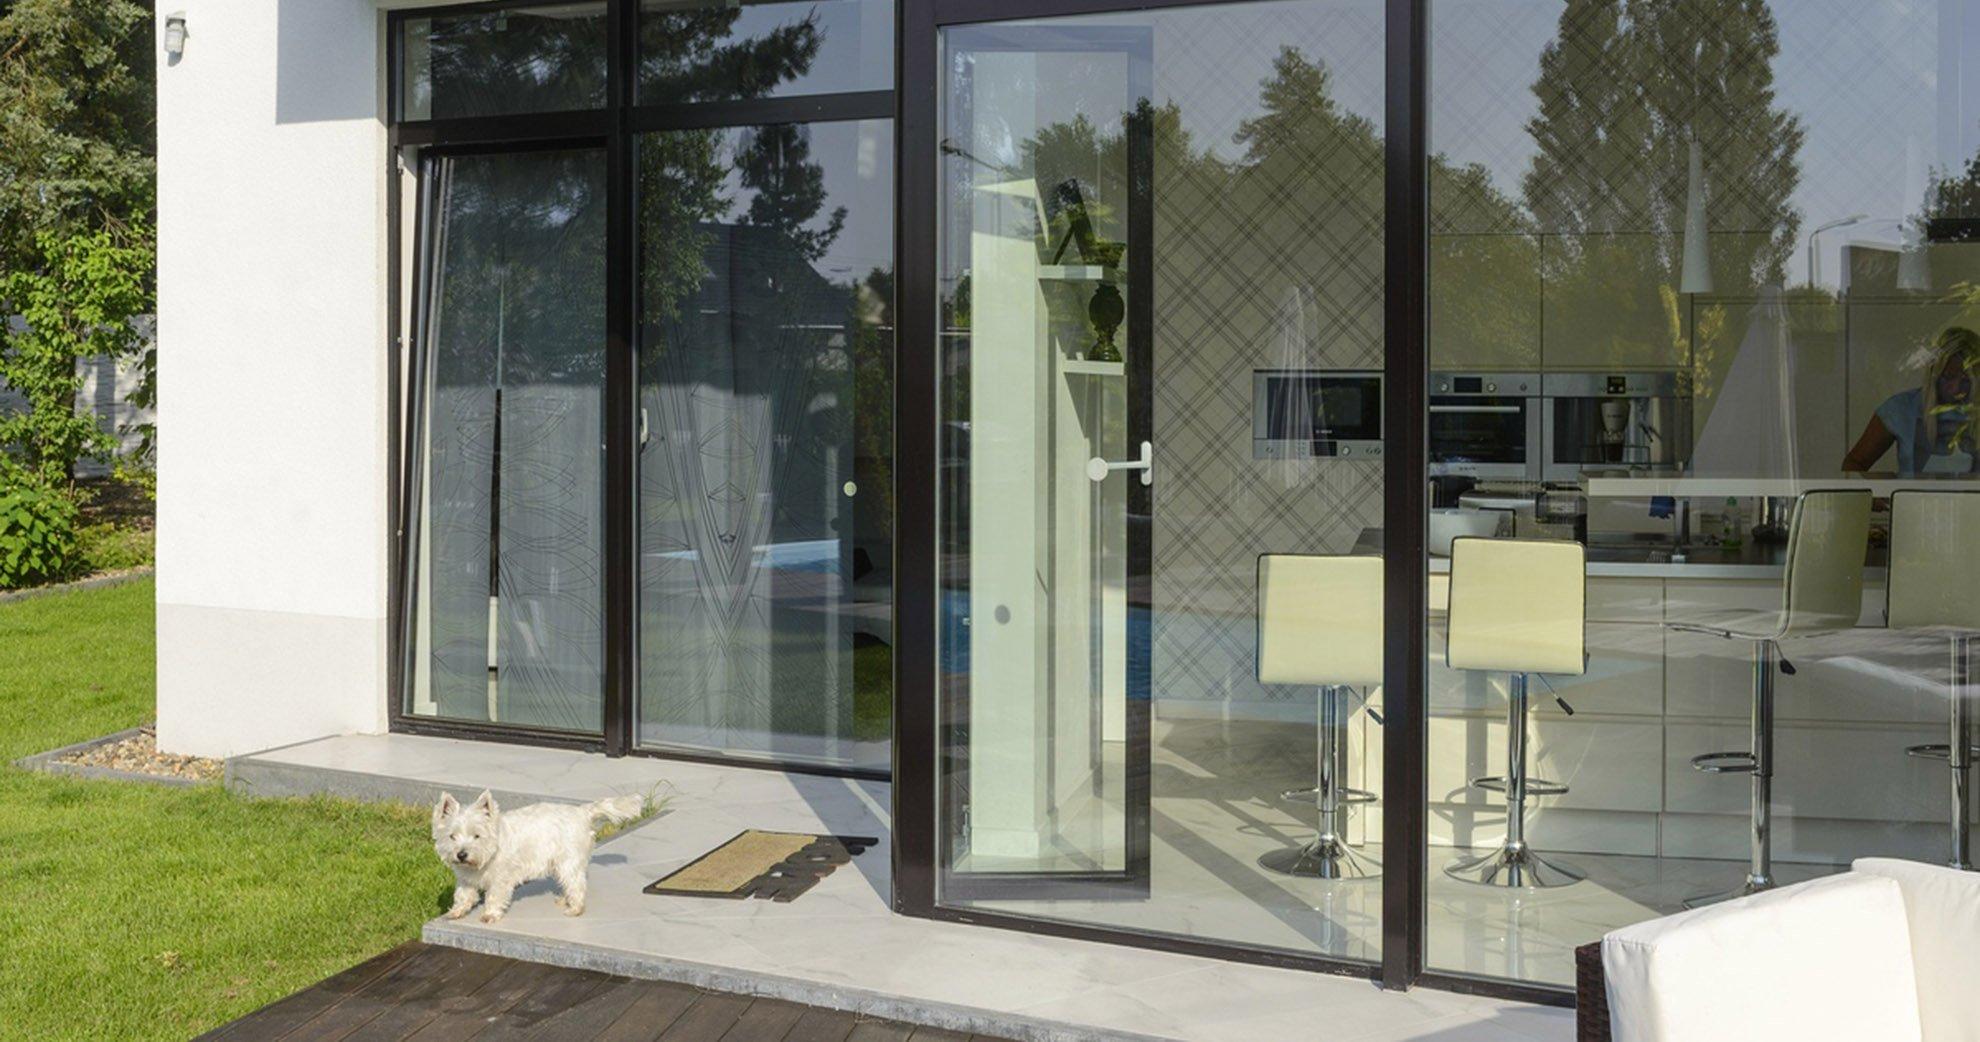 Full Size of Drutesa Aluminiumfenster Mb 45 Günstige Fenster Online Konfigurieren Jalousie Innen Einbruchschutz Stange Insektenschutz Für Rollos Salamander Erneuern Neue Fenster Fenster Drutex